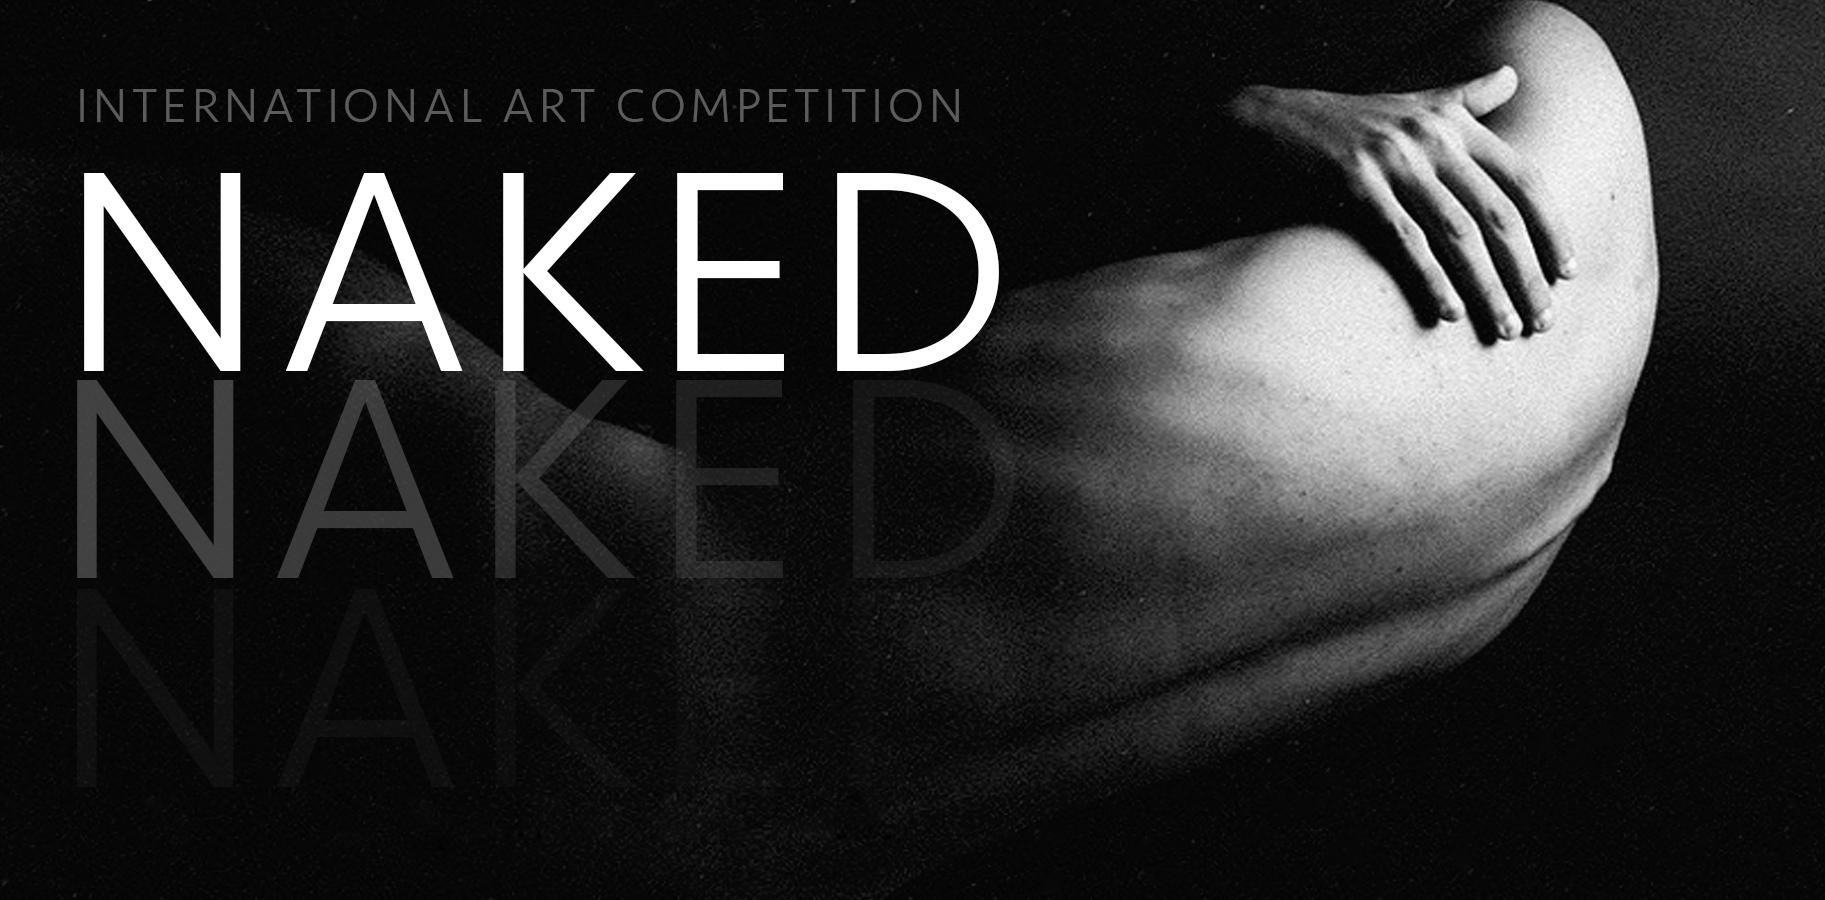 international-art-competition-naked-reartiste-call-for-artists2jpg.jpg